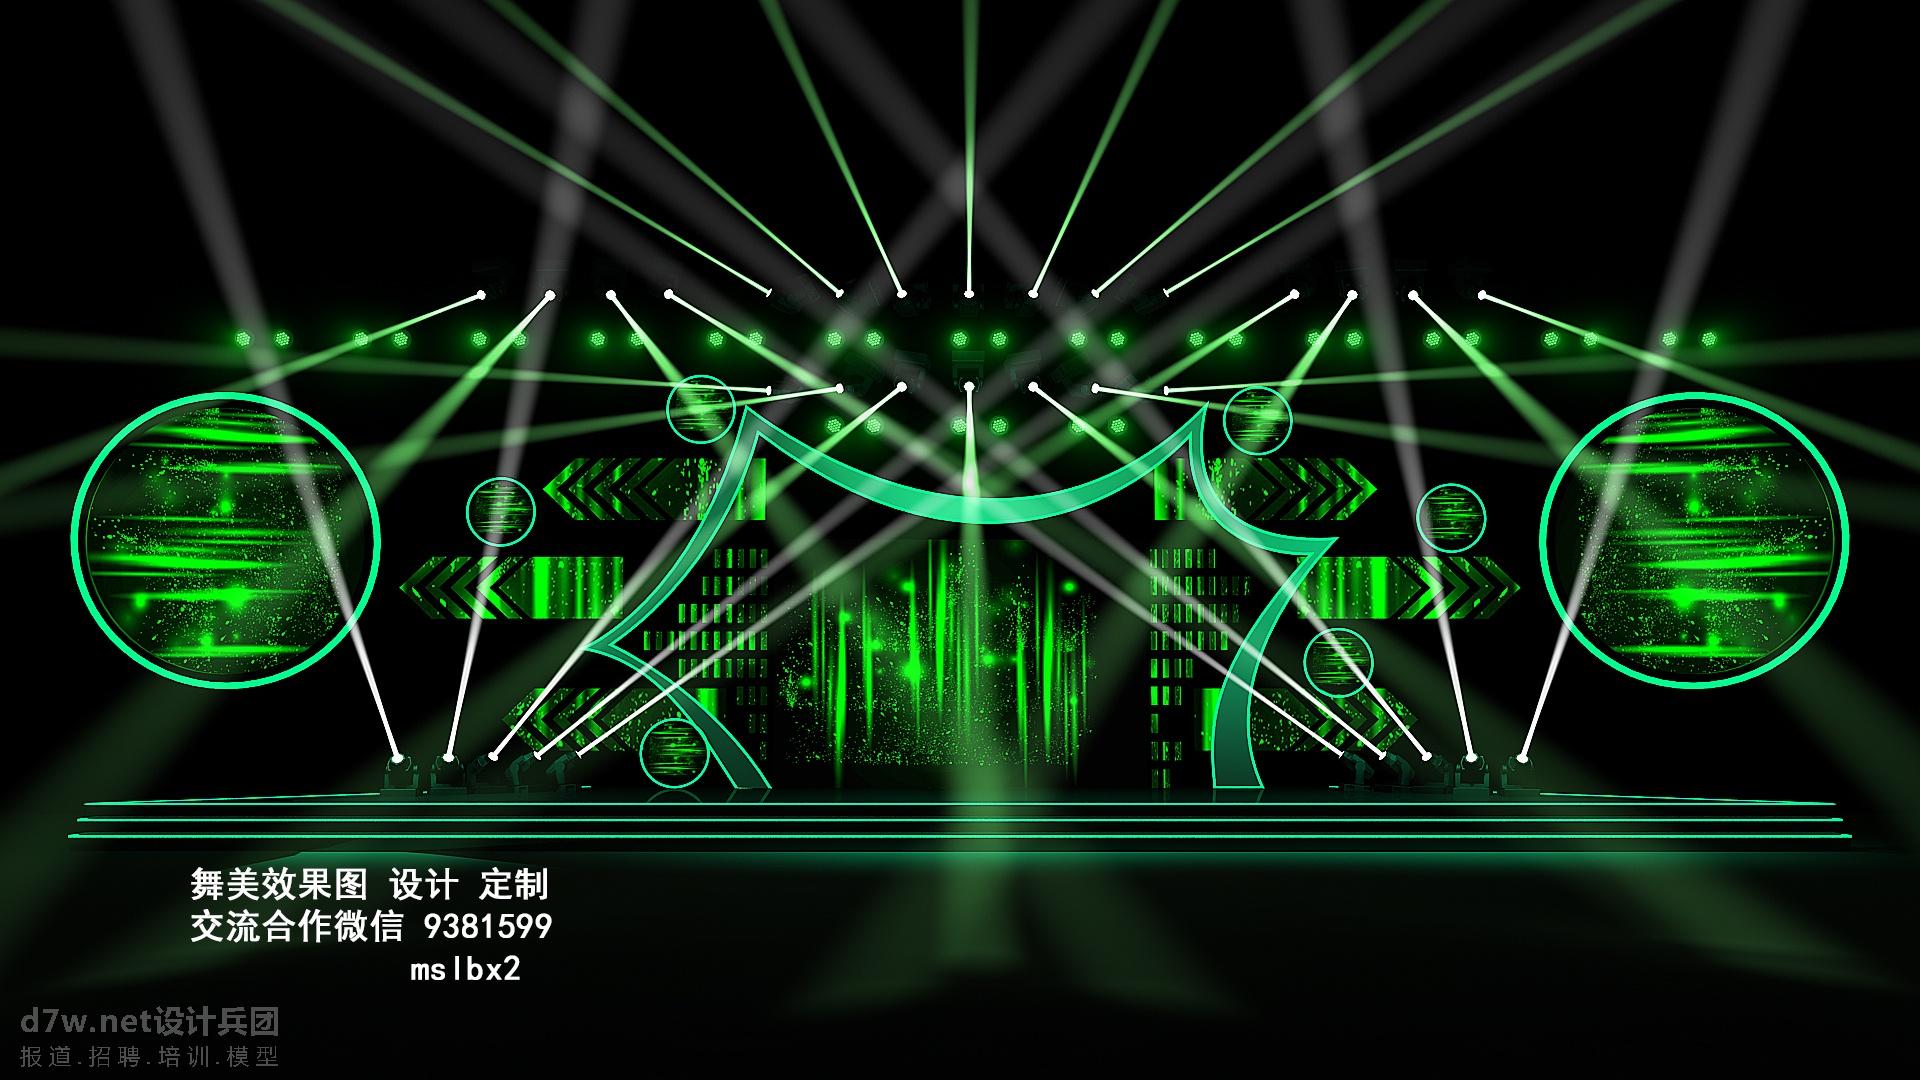 2020音乐节 音乐节舞美 音乐节舞台 音乐节设计 舞美效果图 舞台效果图 麦田舞美设计 音乐派对舞美 音乐派对 ...